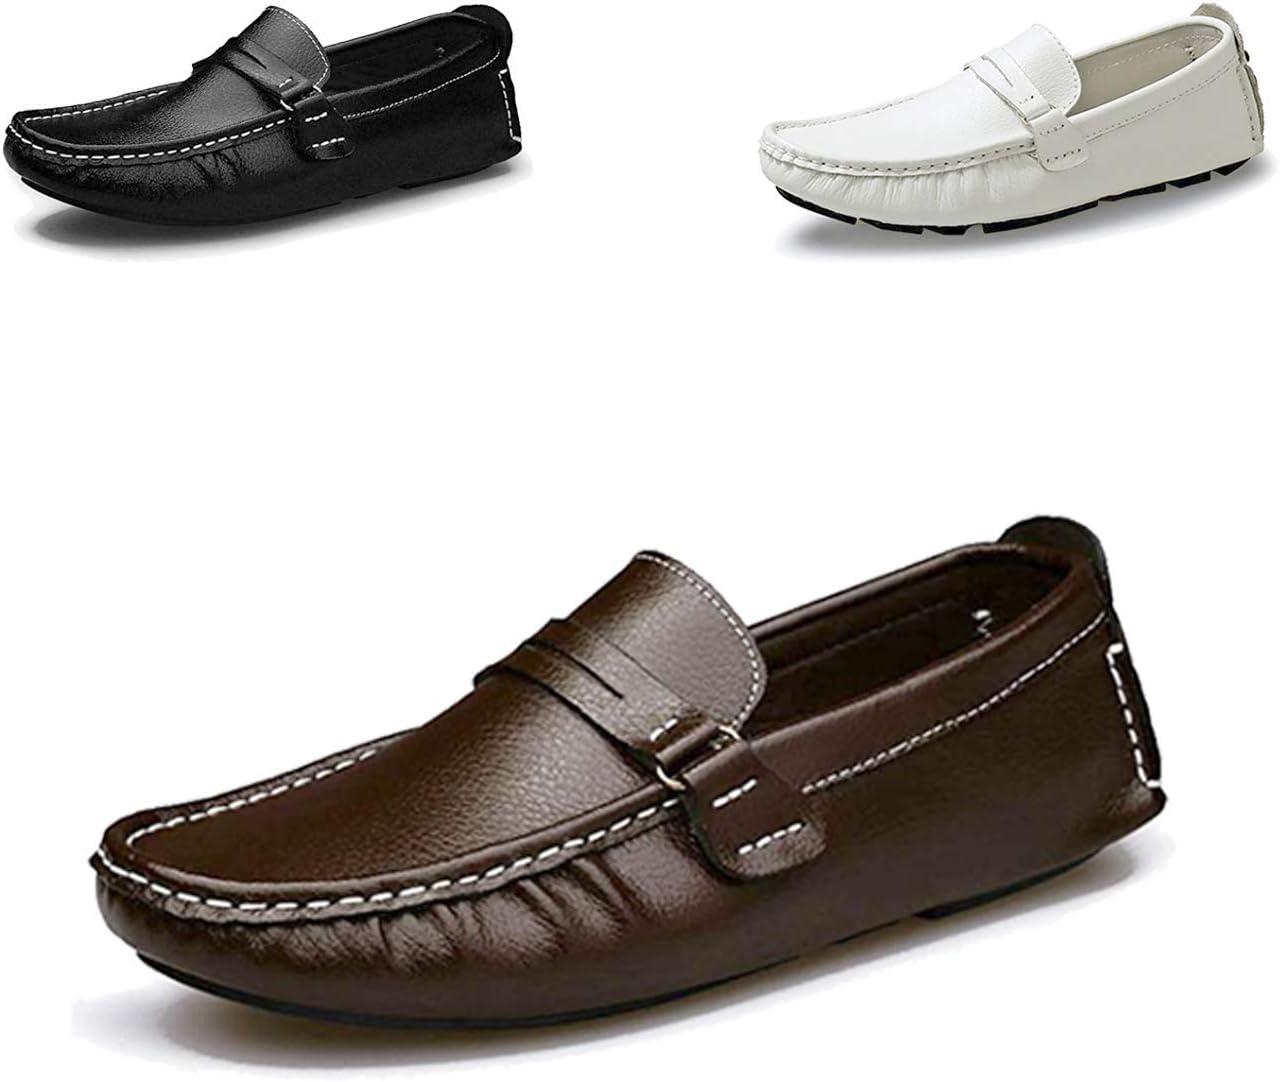 Blogger elástico no atar Lazy Caucho de silicona cordones elásticos zapatillas cordones para zapatos Running cordones Calzado deportivo cordones: Amazon.es: Deportes y aire libre